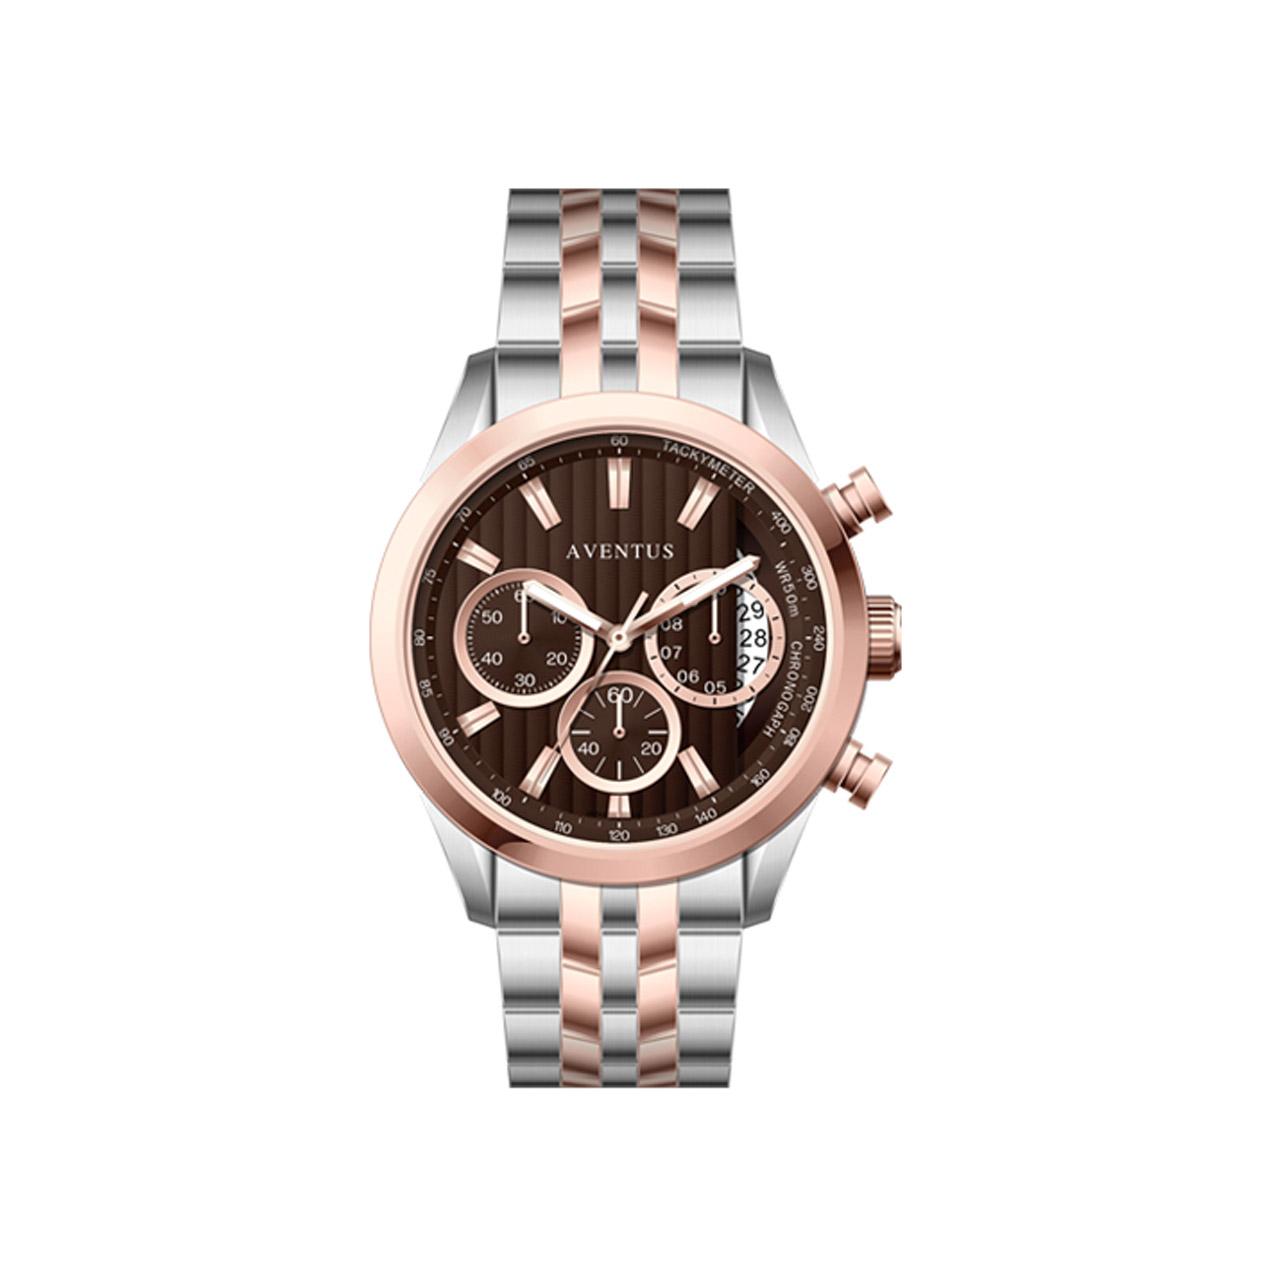 ساعت مچی عقربه ای زنانه اونتوس مدل 1346-6LBR